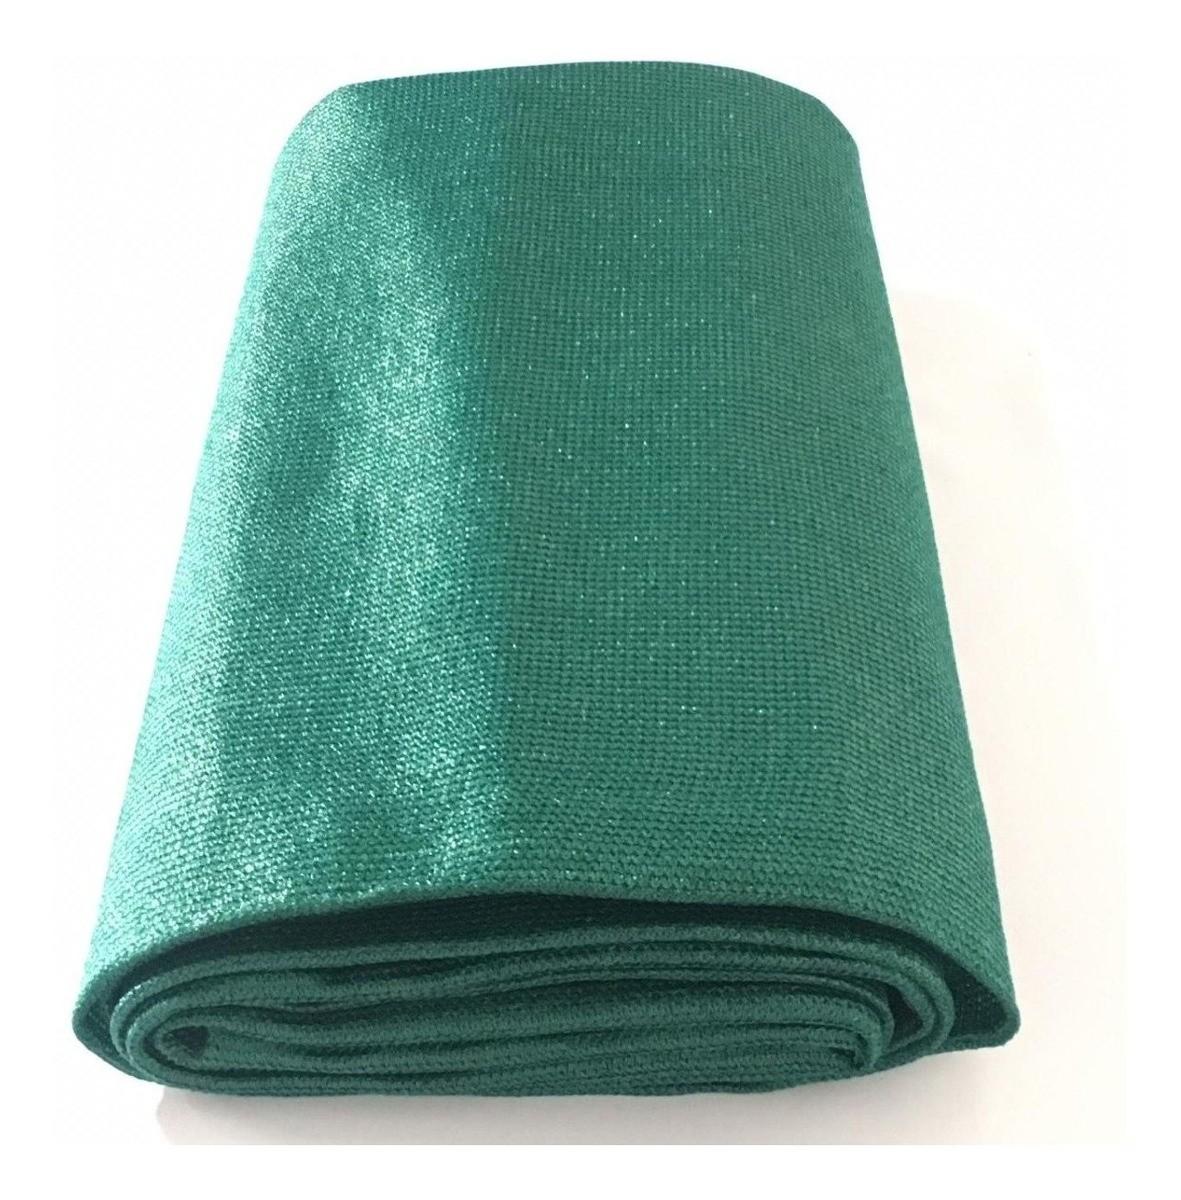 Tela Shade Sombrite Toldo Decorativa Verde Com Bainha e Ilhós 5x8m